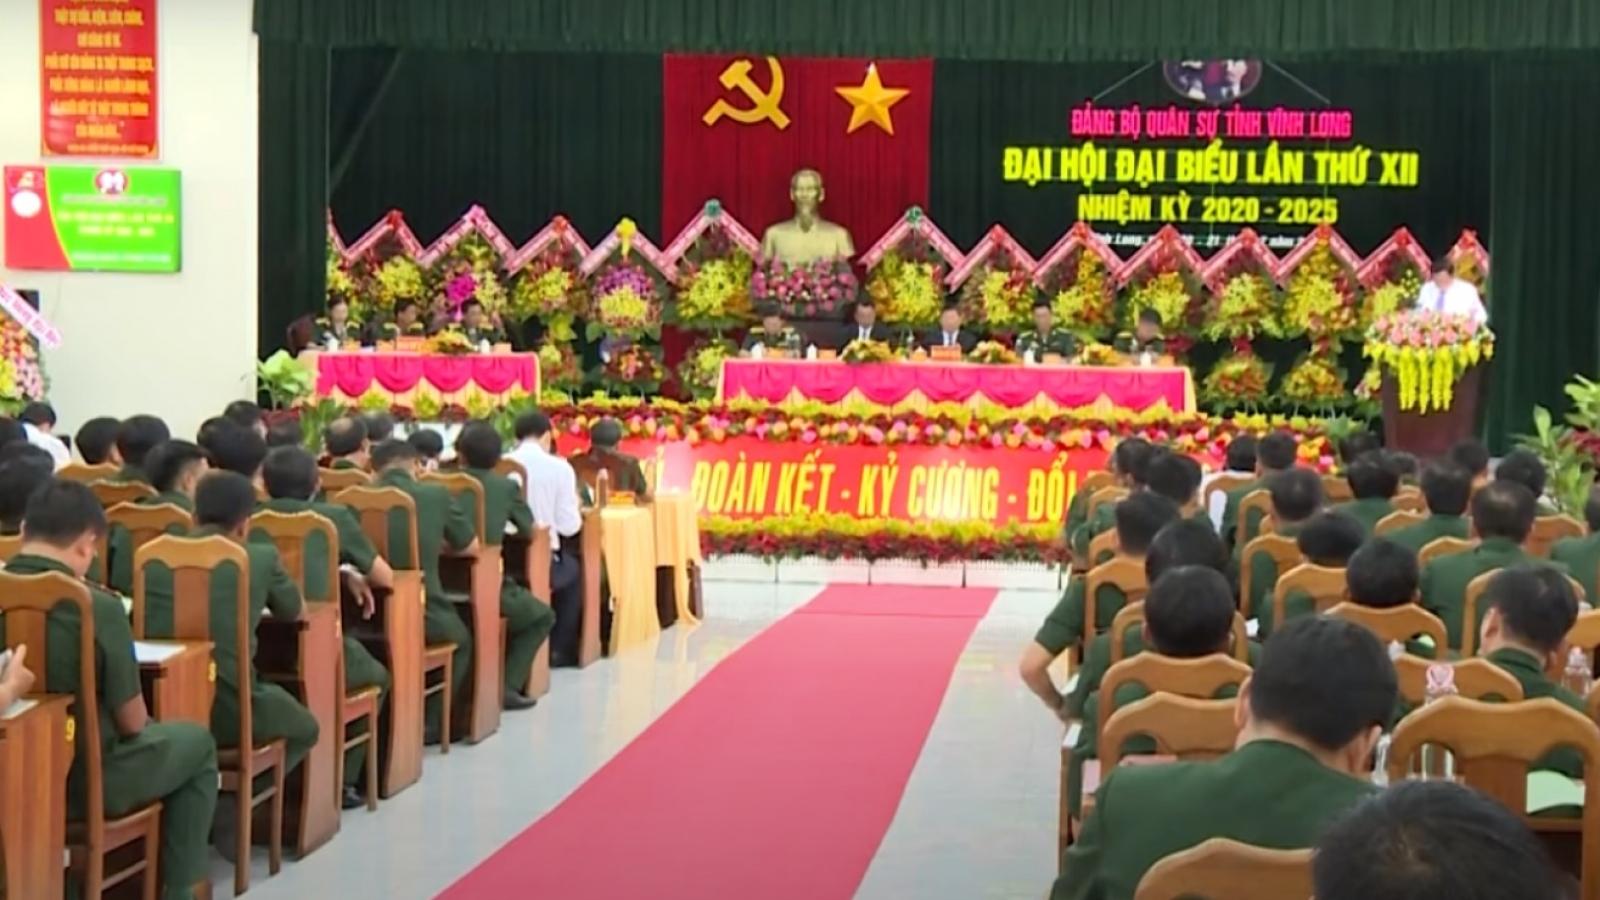 Chỉ định Bí thư Tỉnh ủy Vĩnh Long giữ chức Bí thư Đảng ủy Quân sự tỉnh